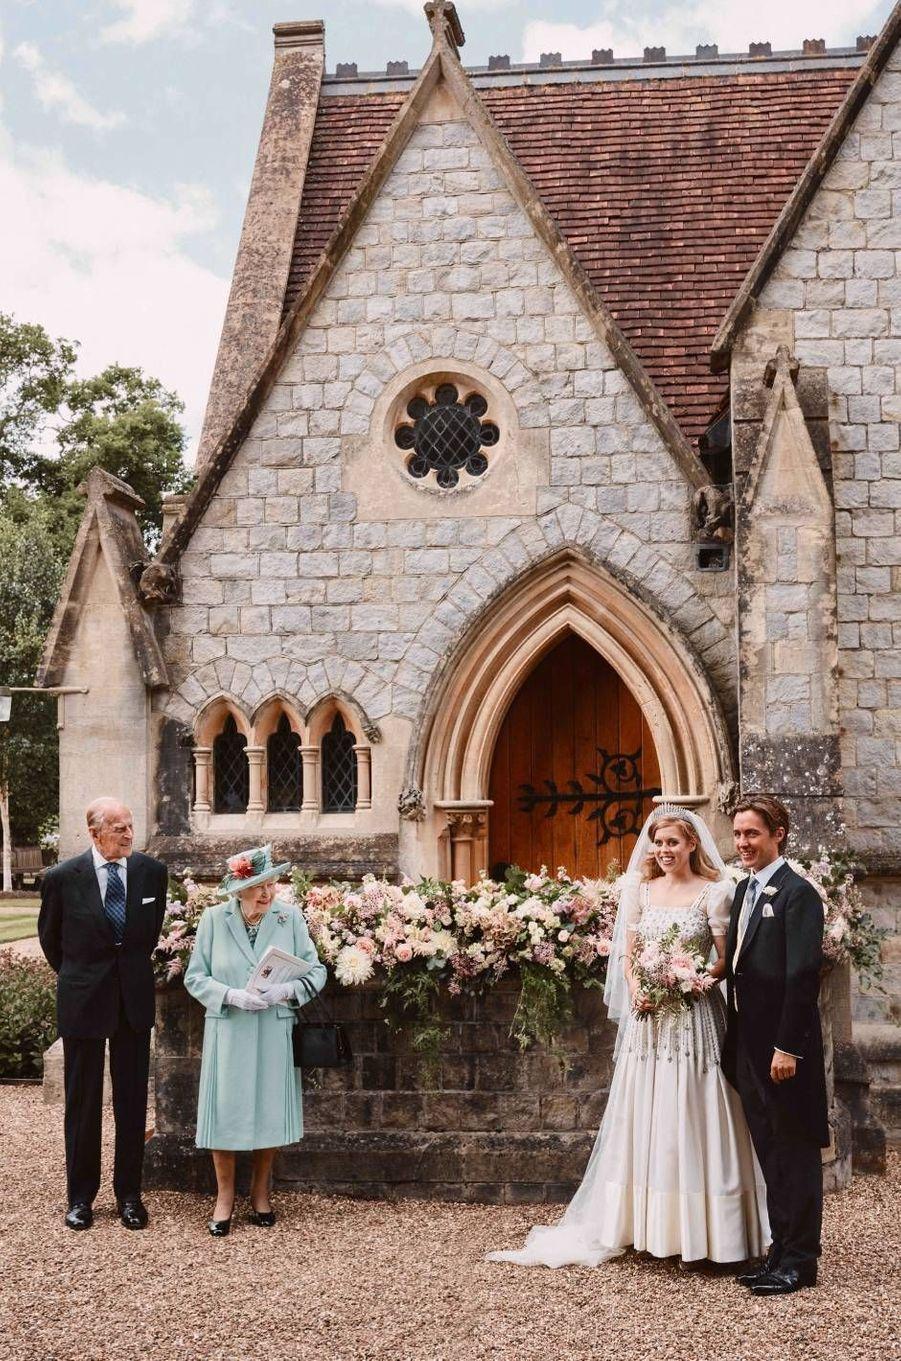 La princesse Beatrice a épousé Edoardo Mapelli Mozzi le 17 juillet 2020.